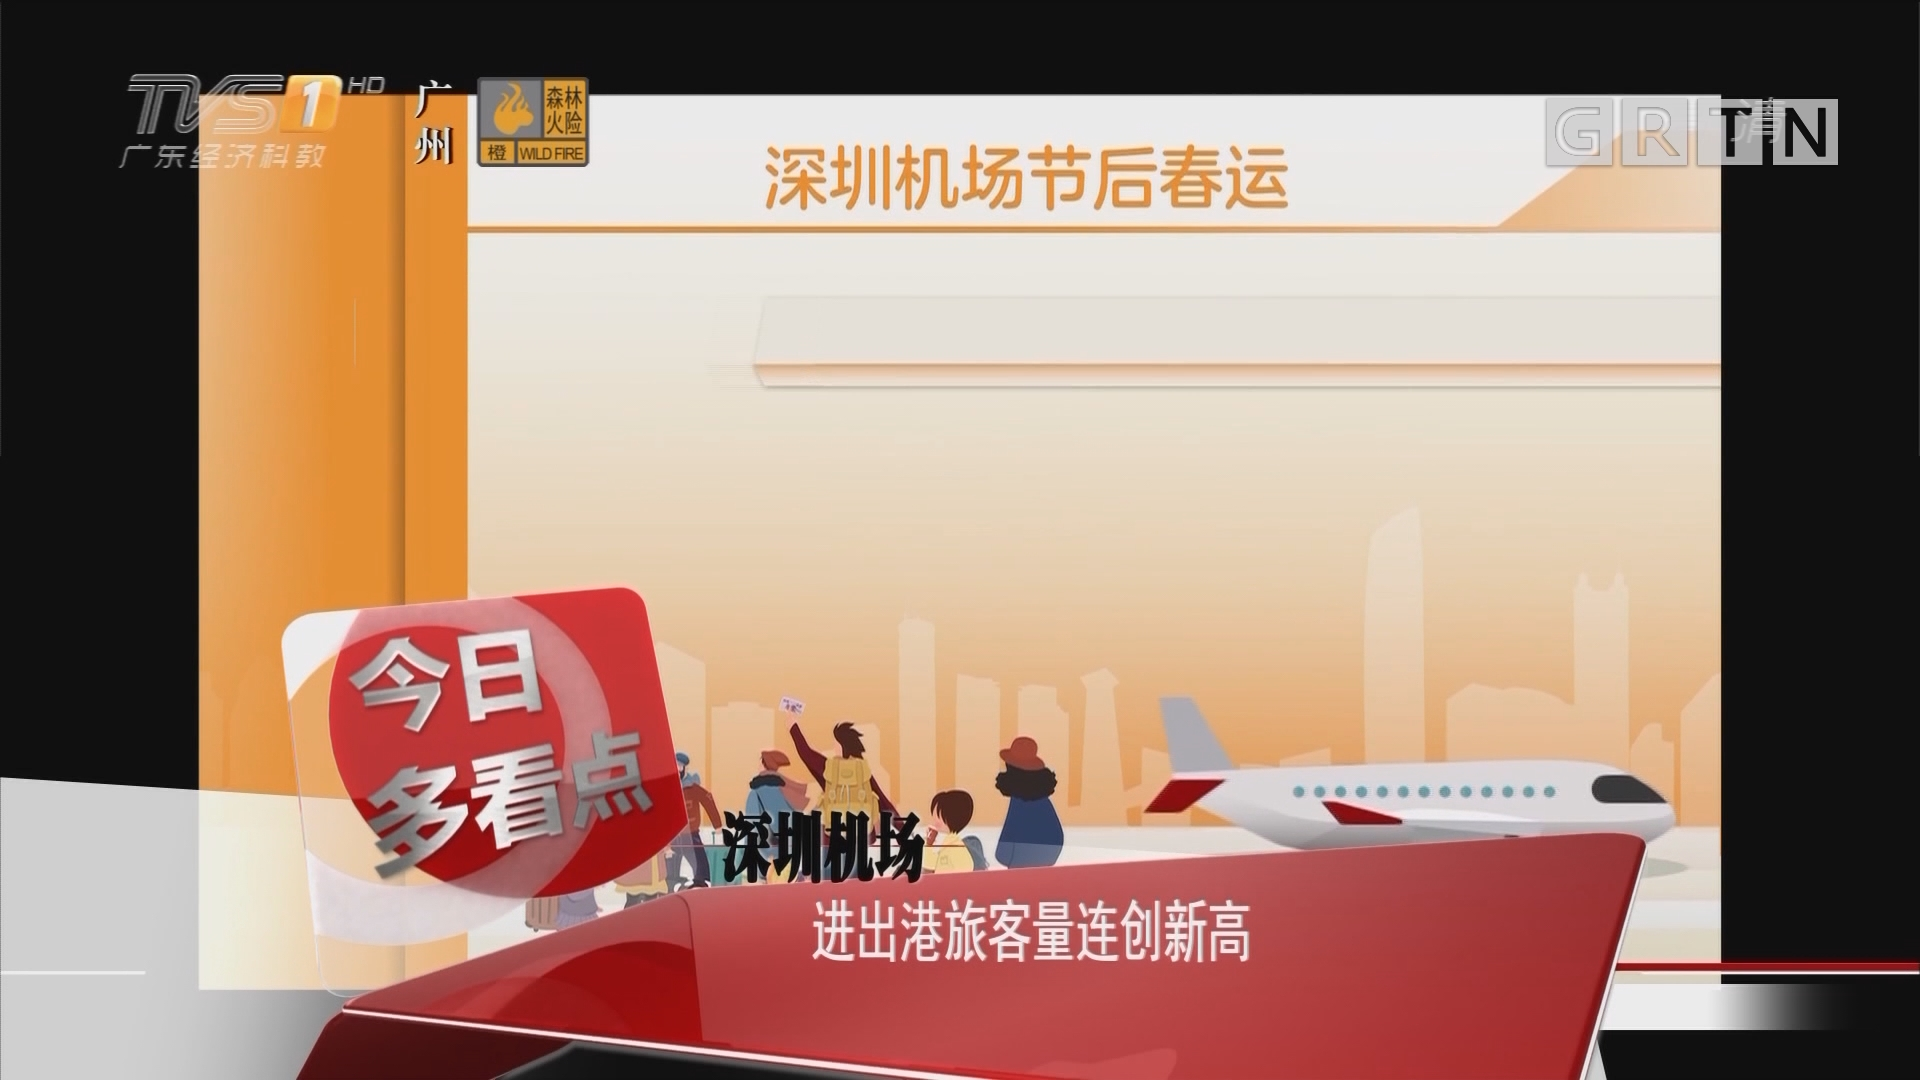 深圳机场:进出港旅客量连创新高